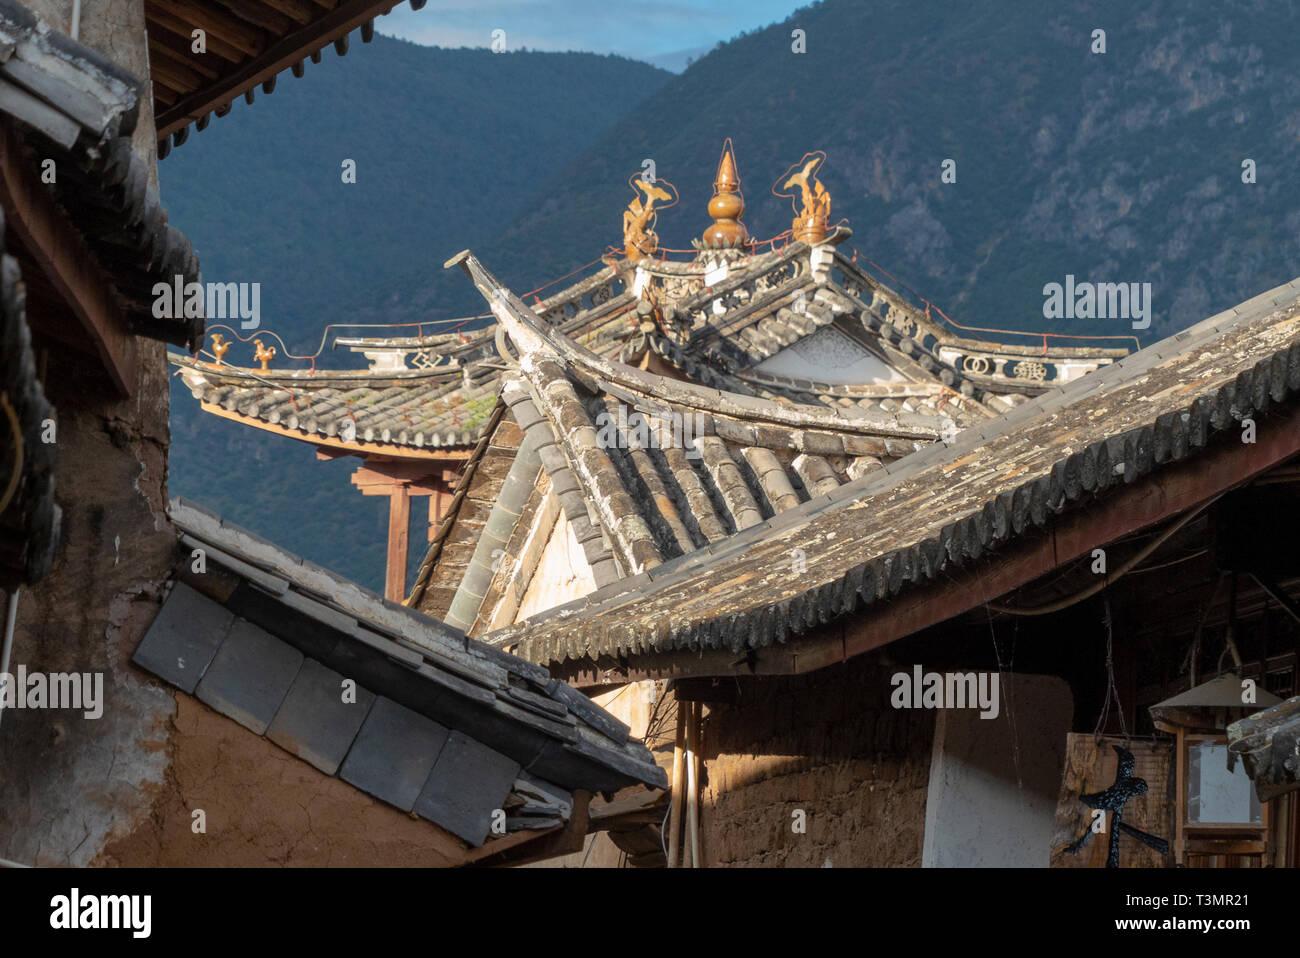 Sideng market, Shaxi, Yunnan, China Stock Photo